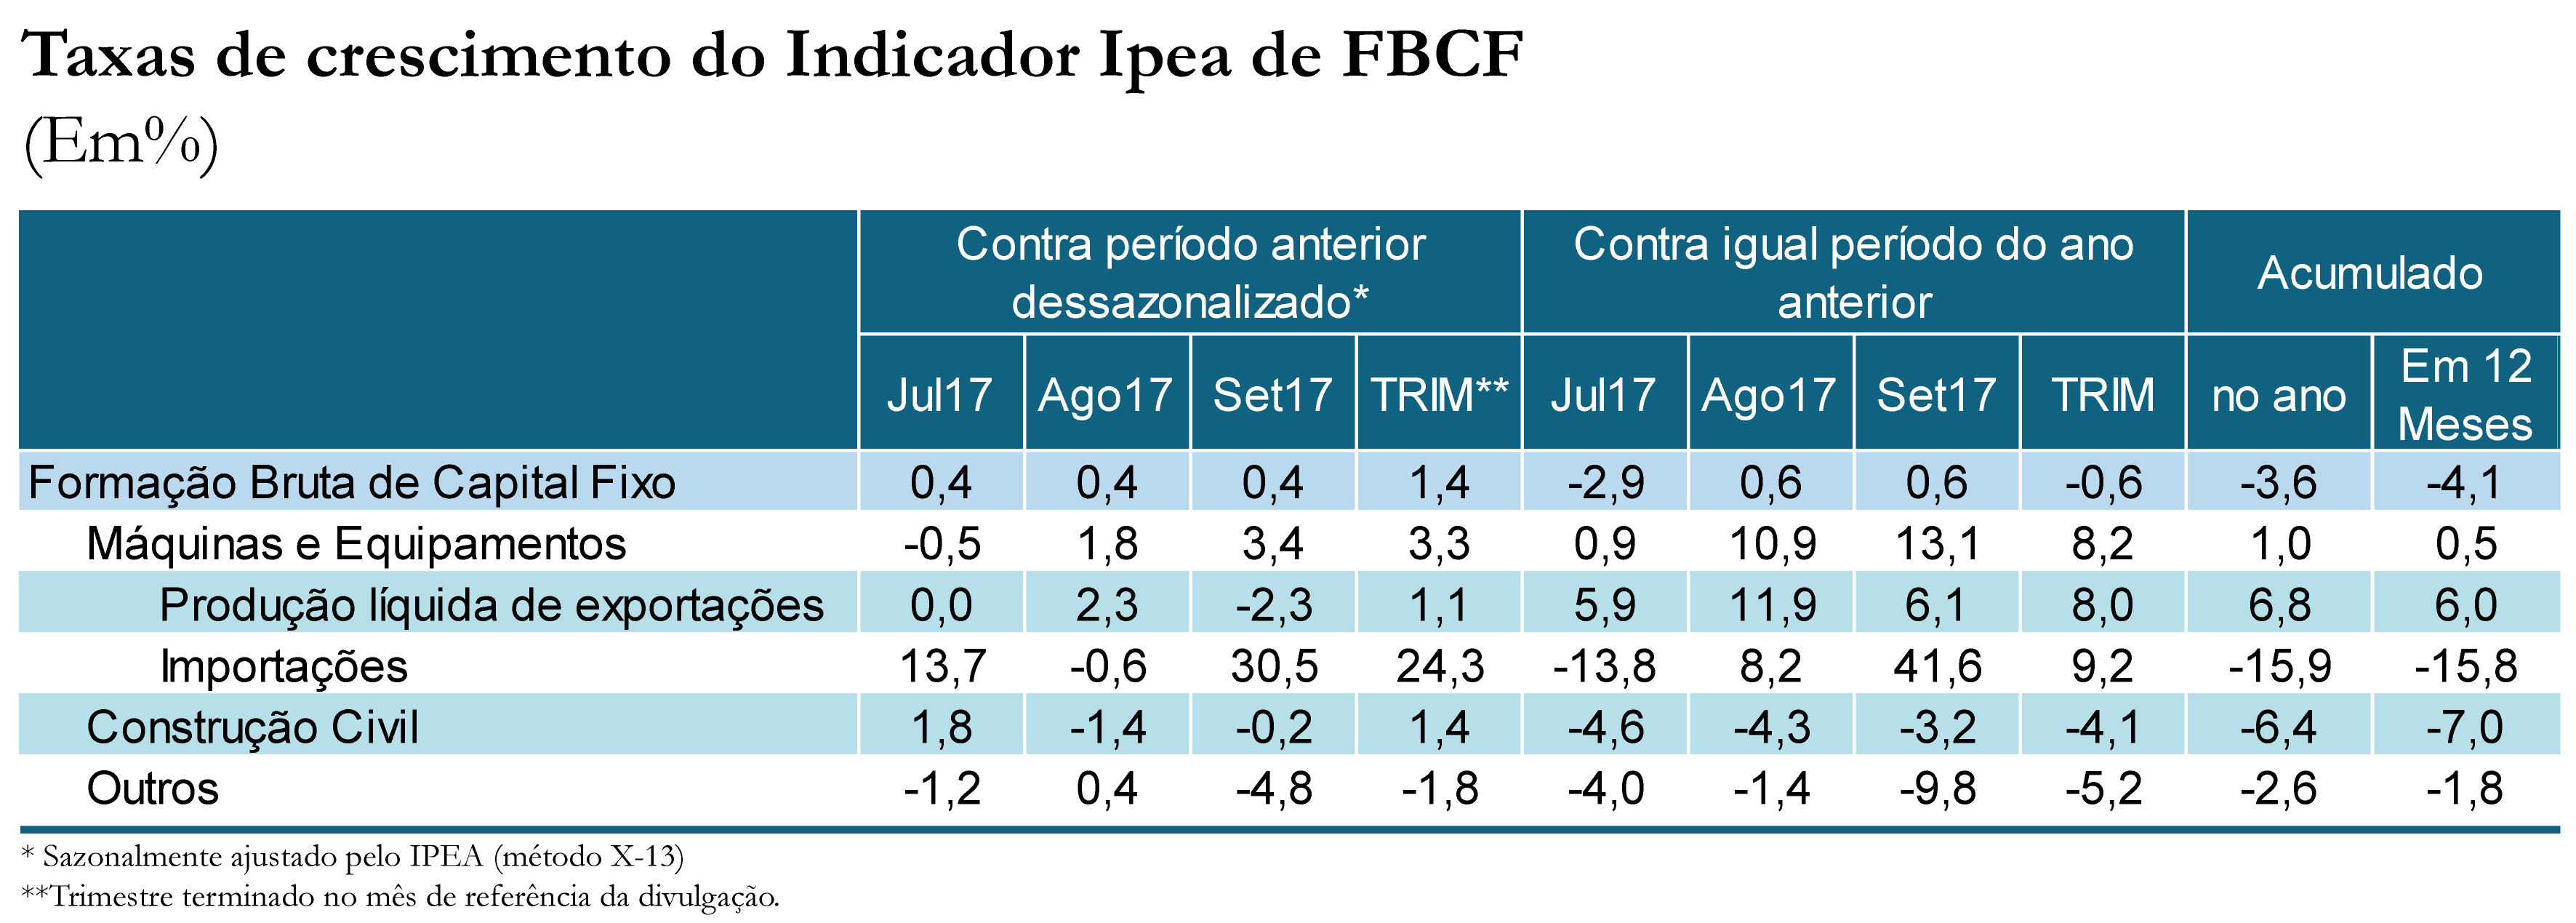 Tabela indicador Ipea FBCF set17_2